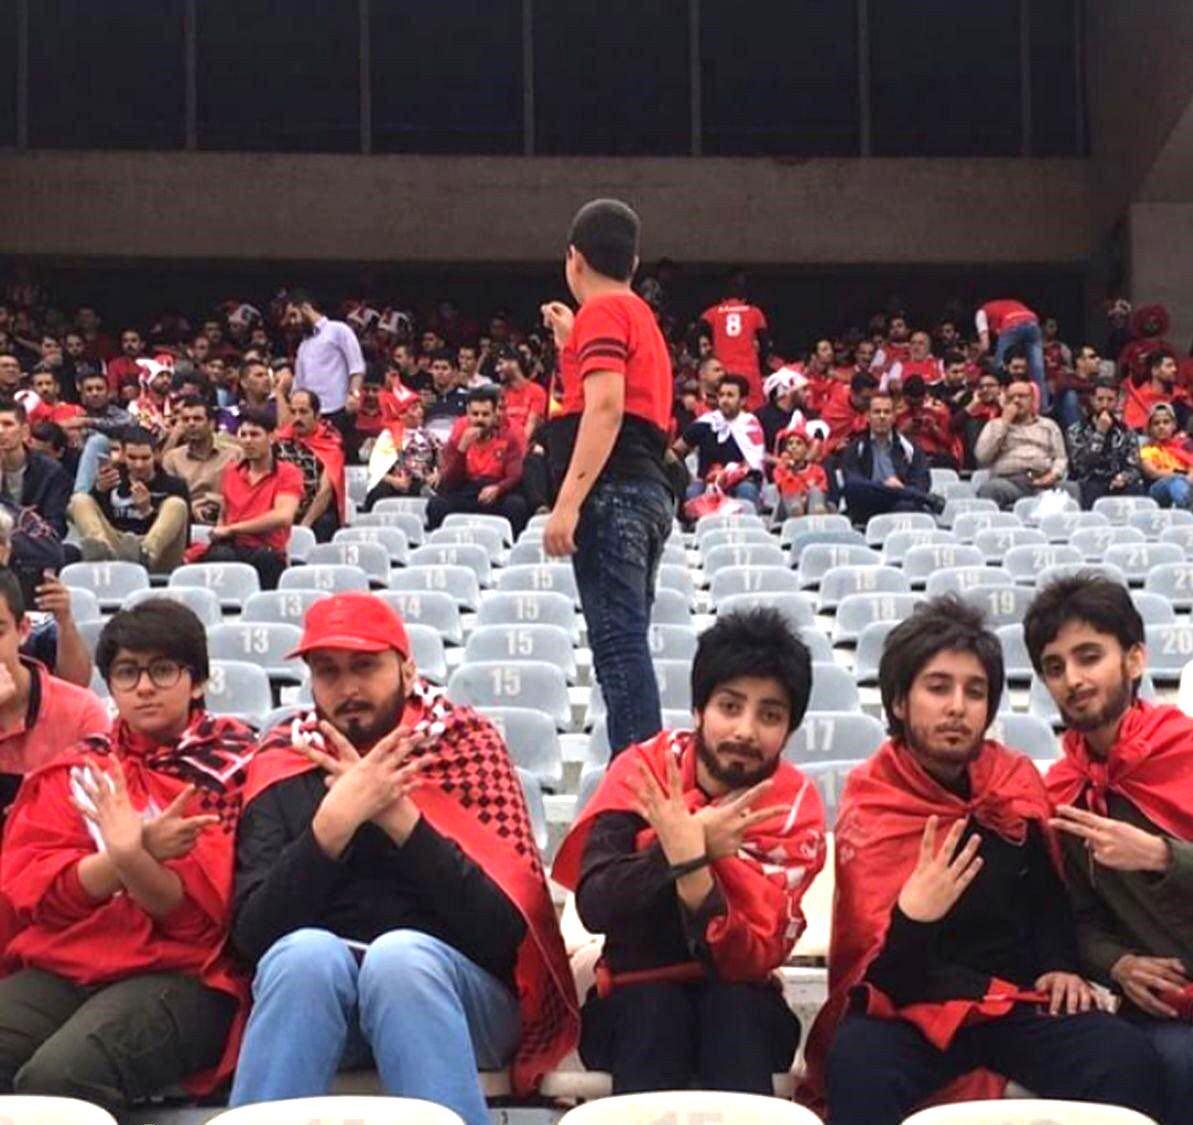 بازتاب ورود دختران با چهره مبدل به استادیوم آزادی در رسانههای استرالیا و جهان